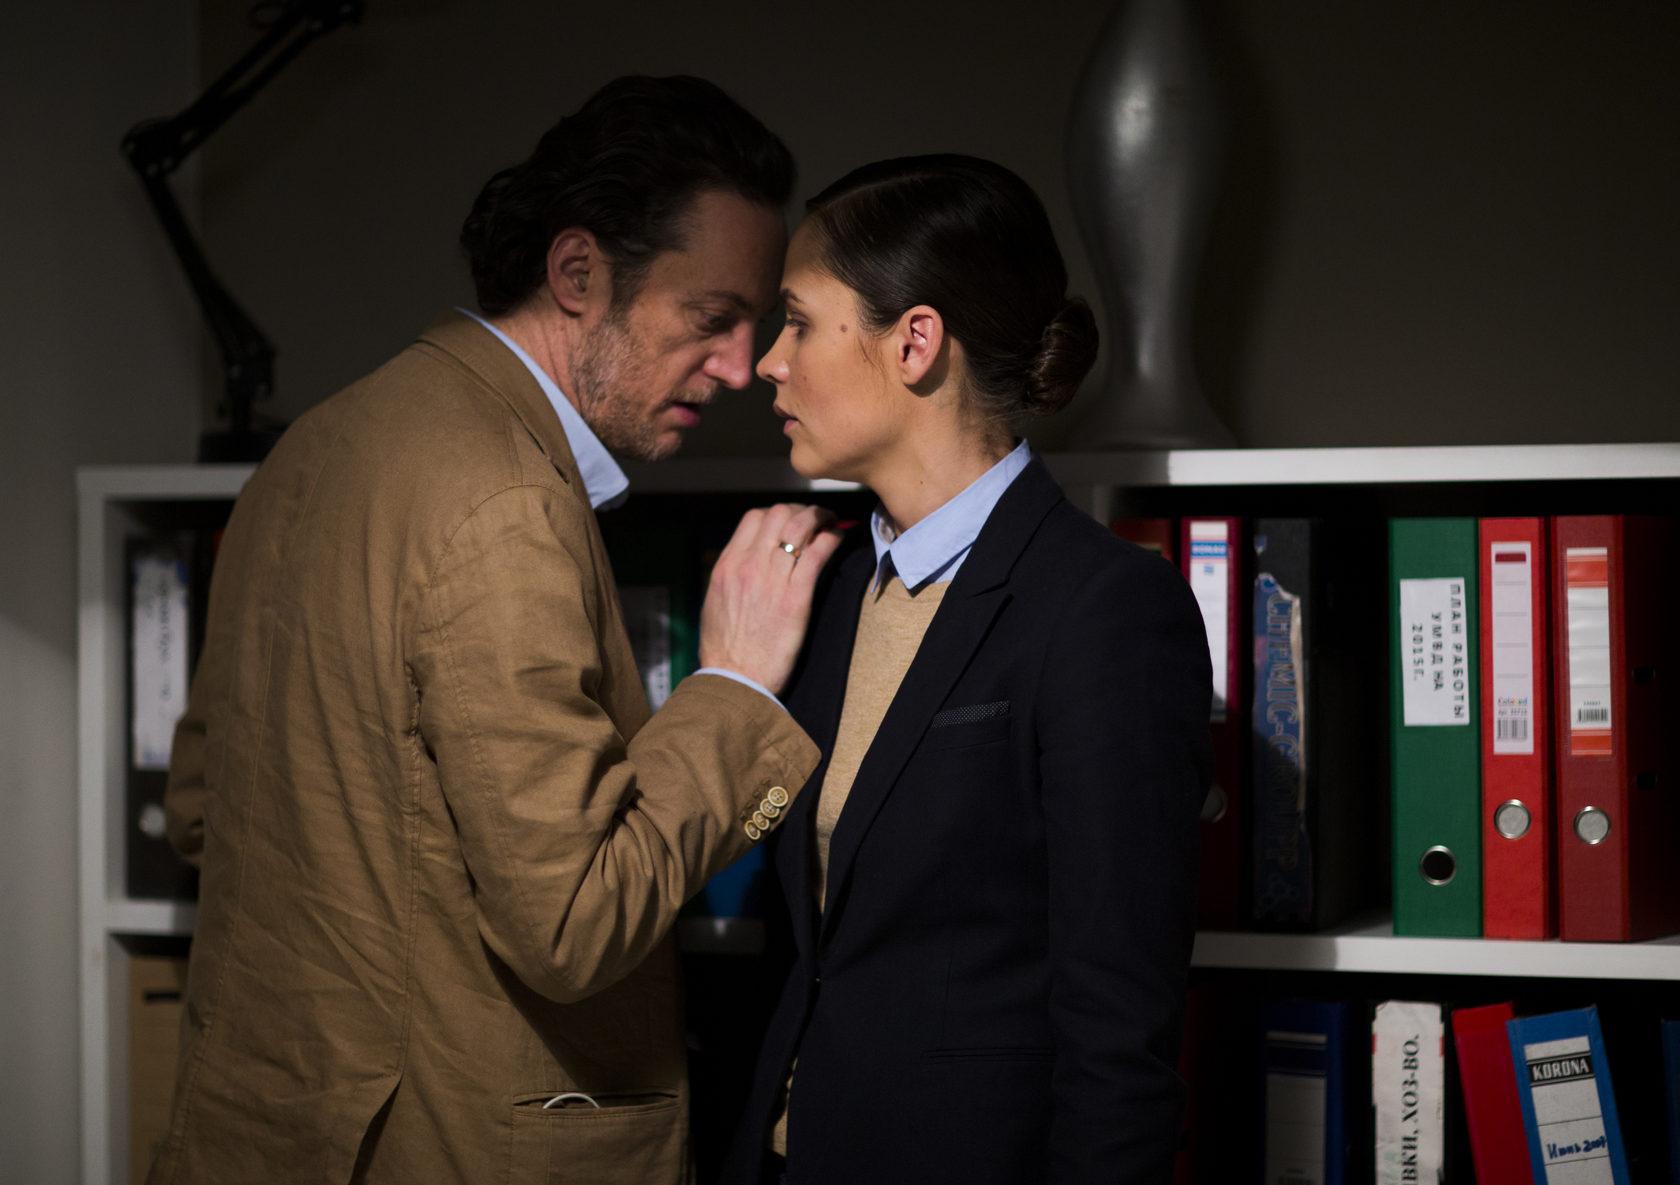 Менталист 7 сезонов (2008) скачать торрентом сериал бесплатно.